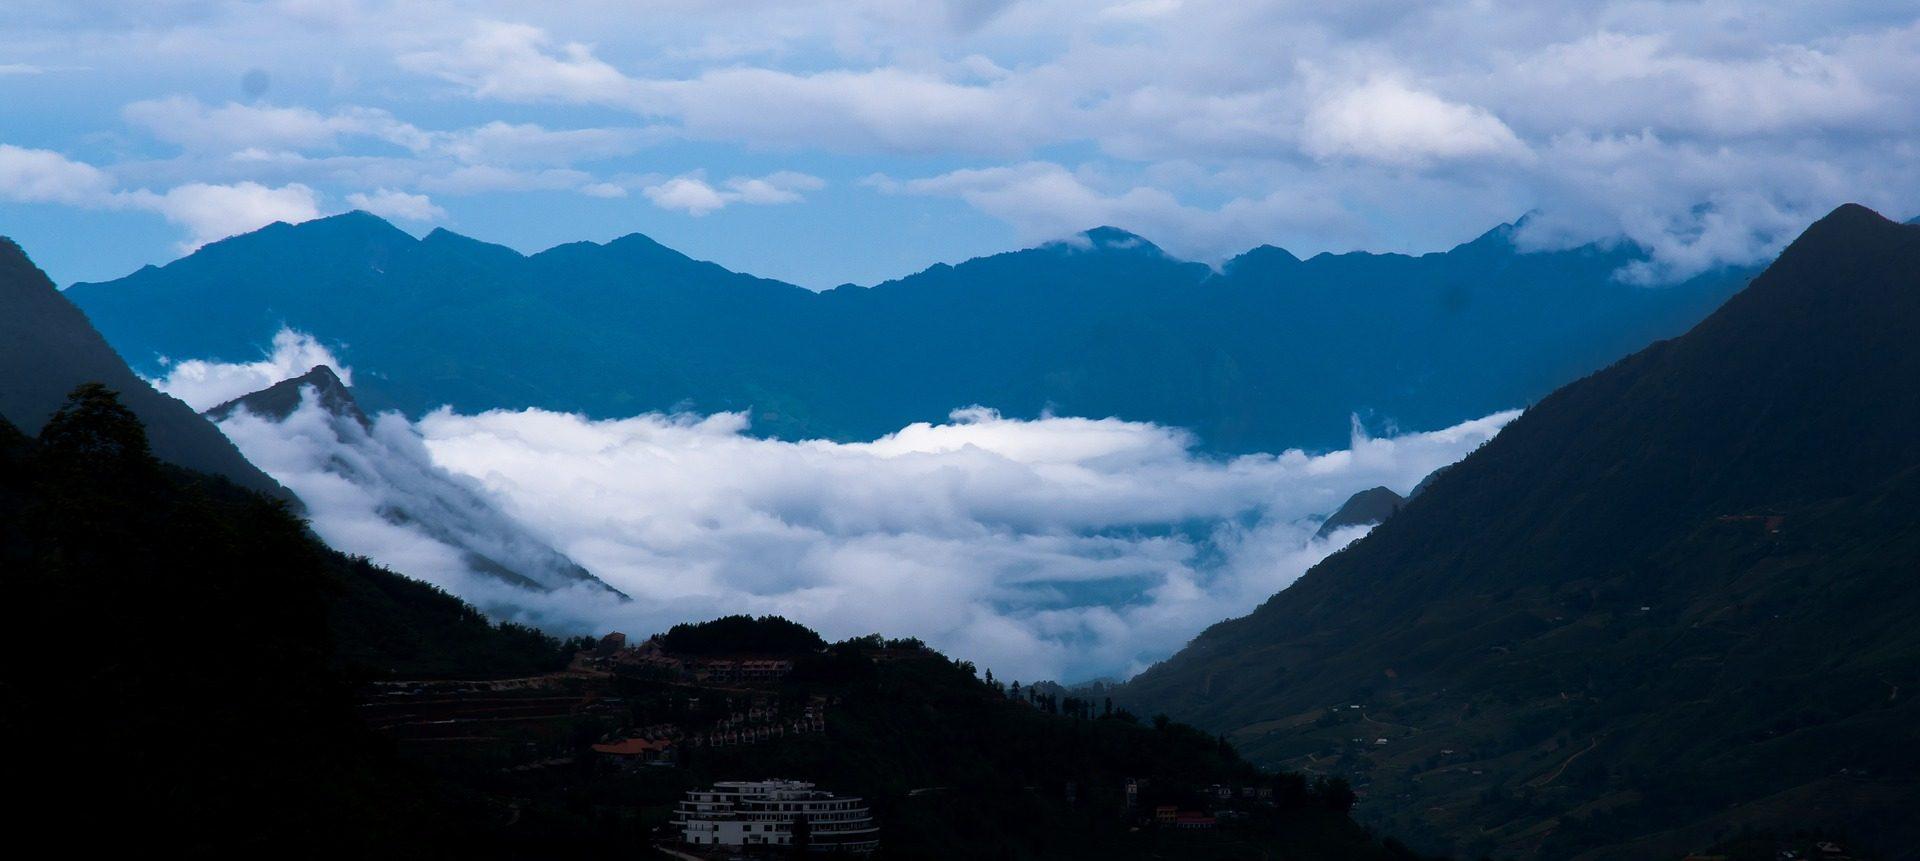 الجبال, السحب., وادي, المسافة, مرتفعات - خلفيات عالية الدقة - أستاذ falken.com